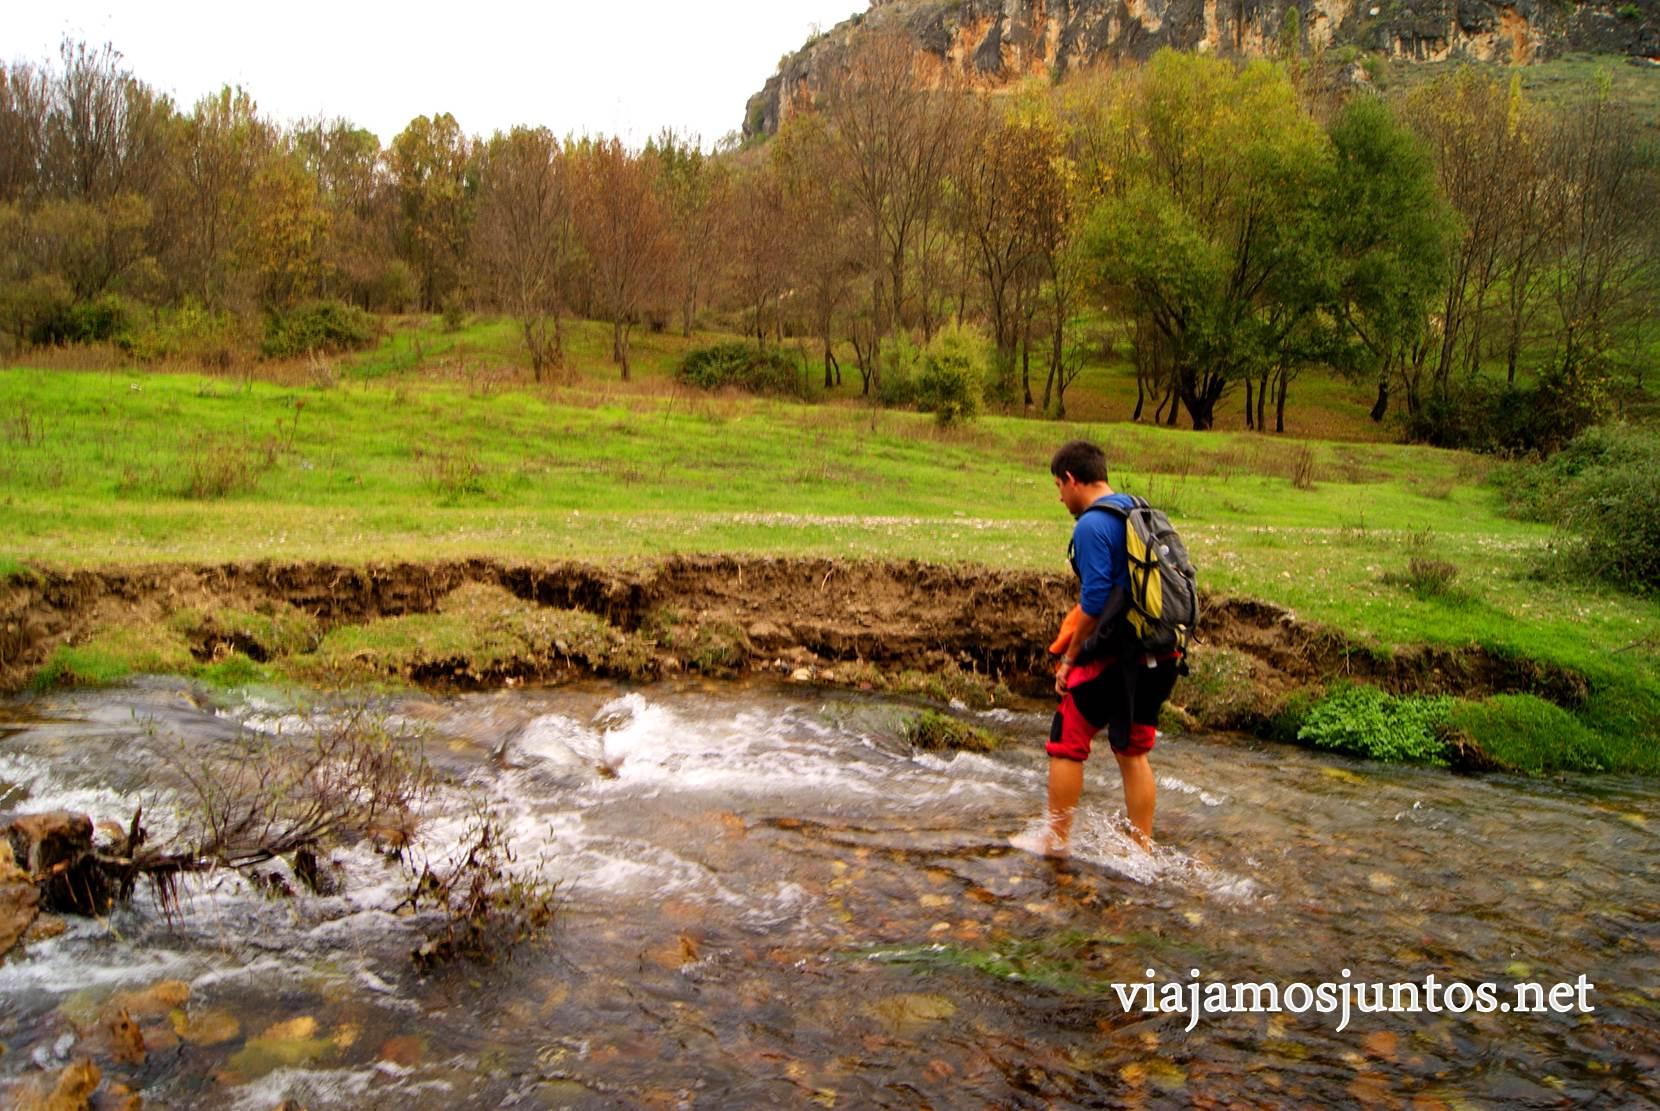 Ruta a las Cárcavas, Patones, Madrid; senderismo por sitios singulares de la Comunidad de Madrid; vadear ríos